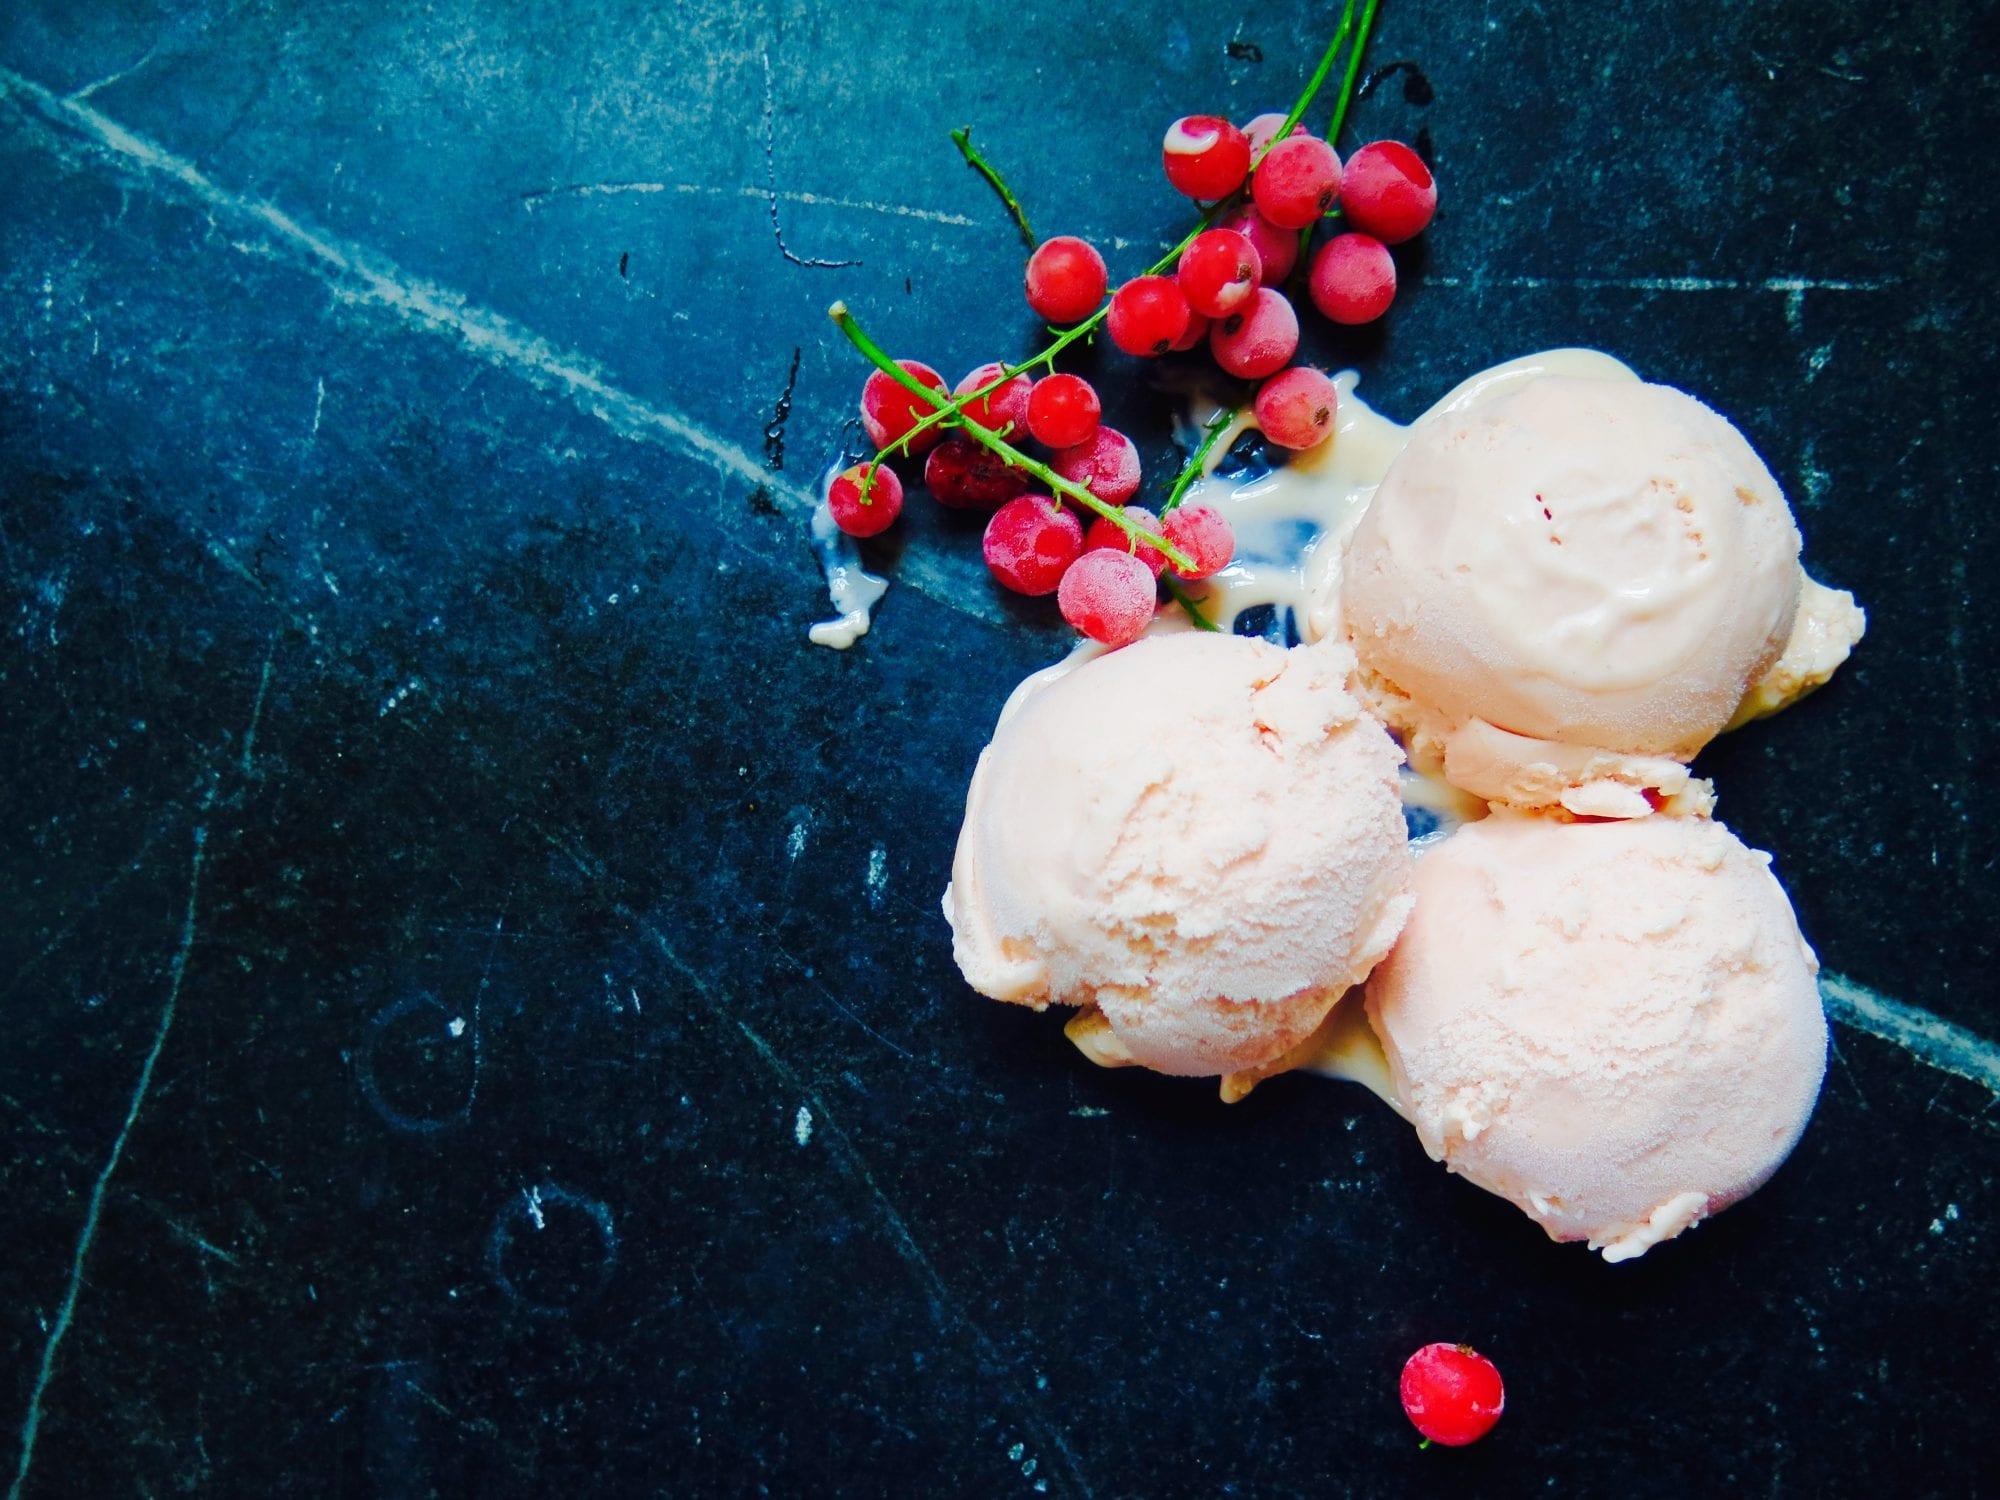 red currant ice cream